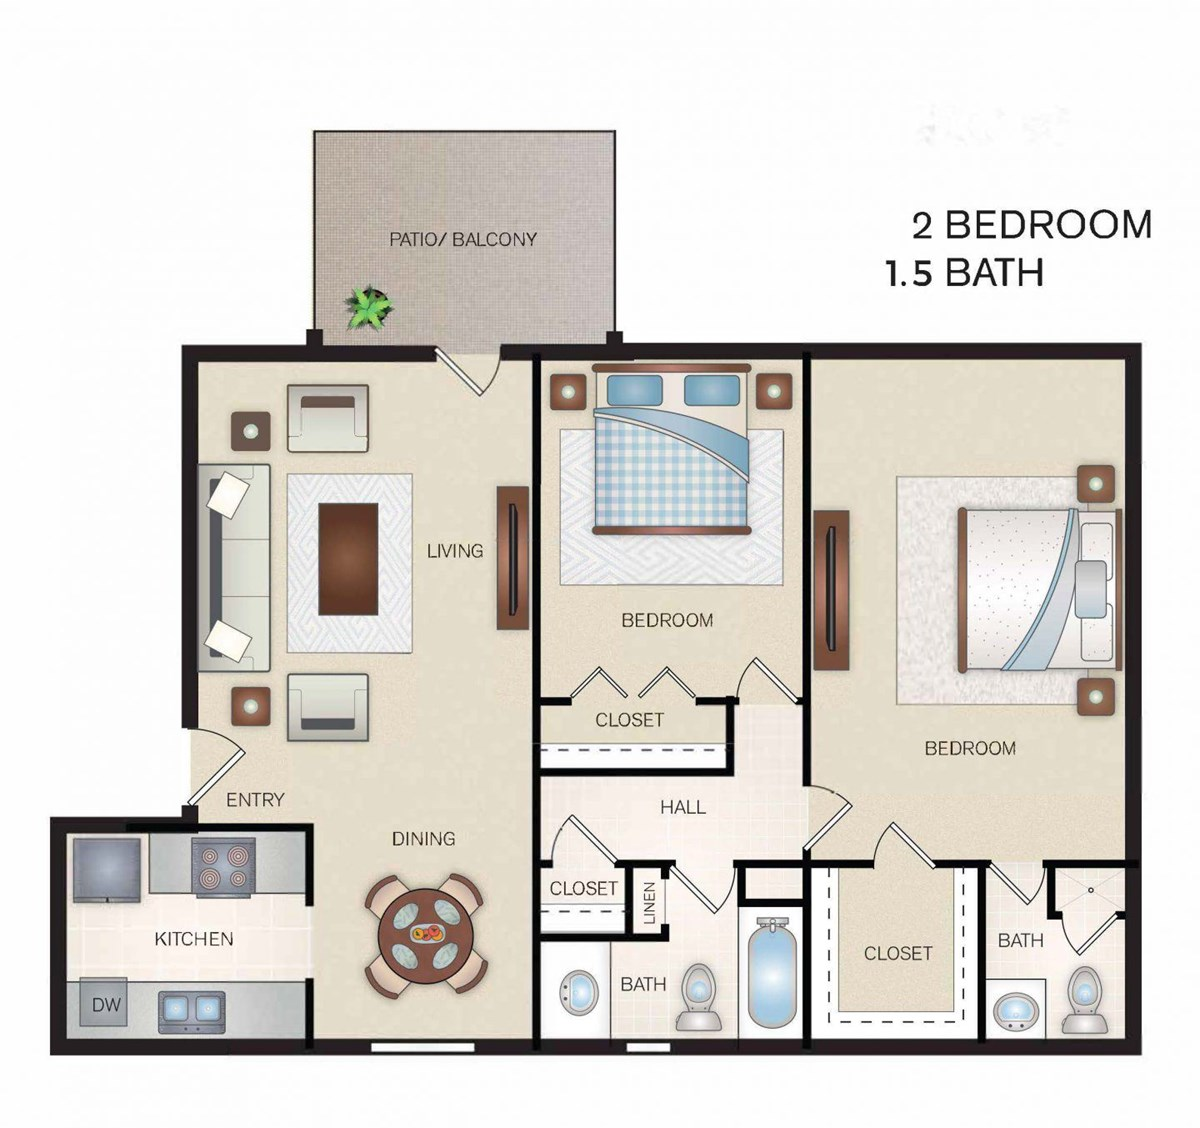 969 sq. ft. floor plan